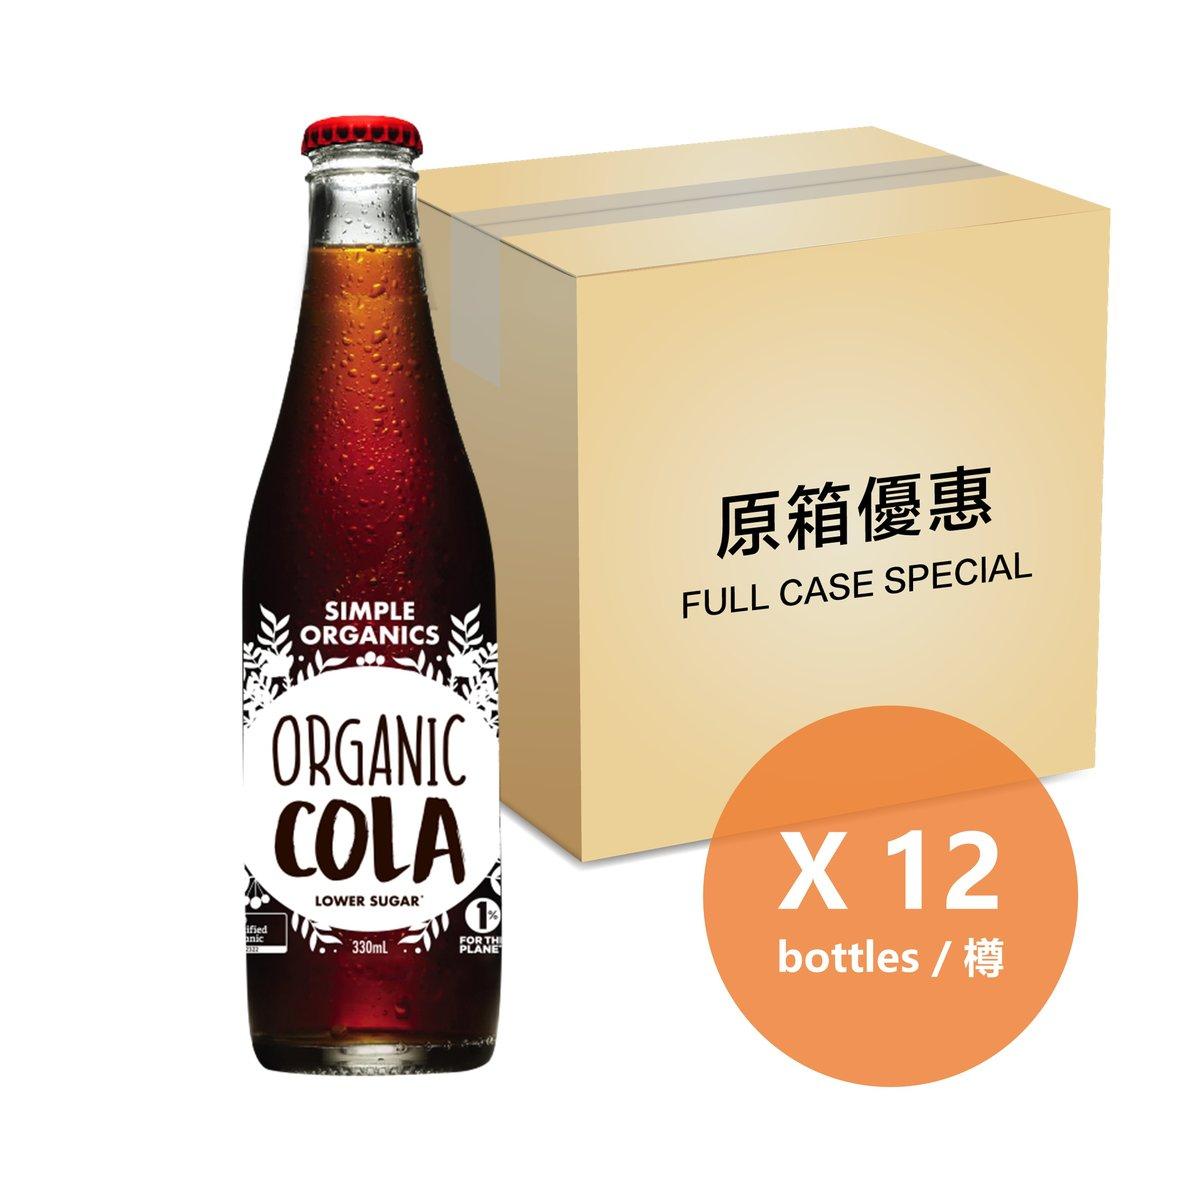 [原箱] 有機可樂 - 325毫升樽裝